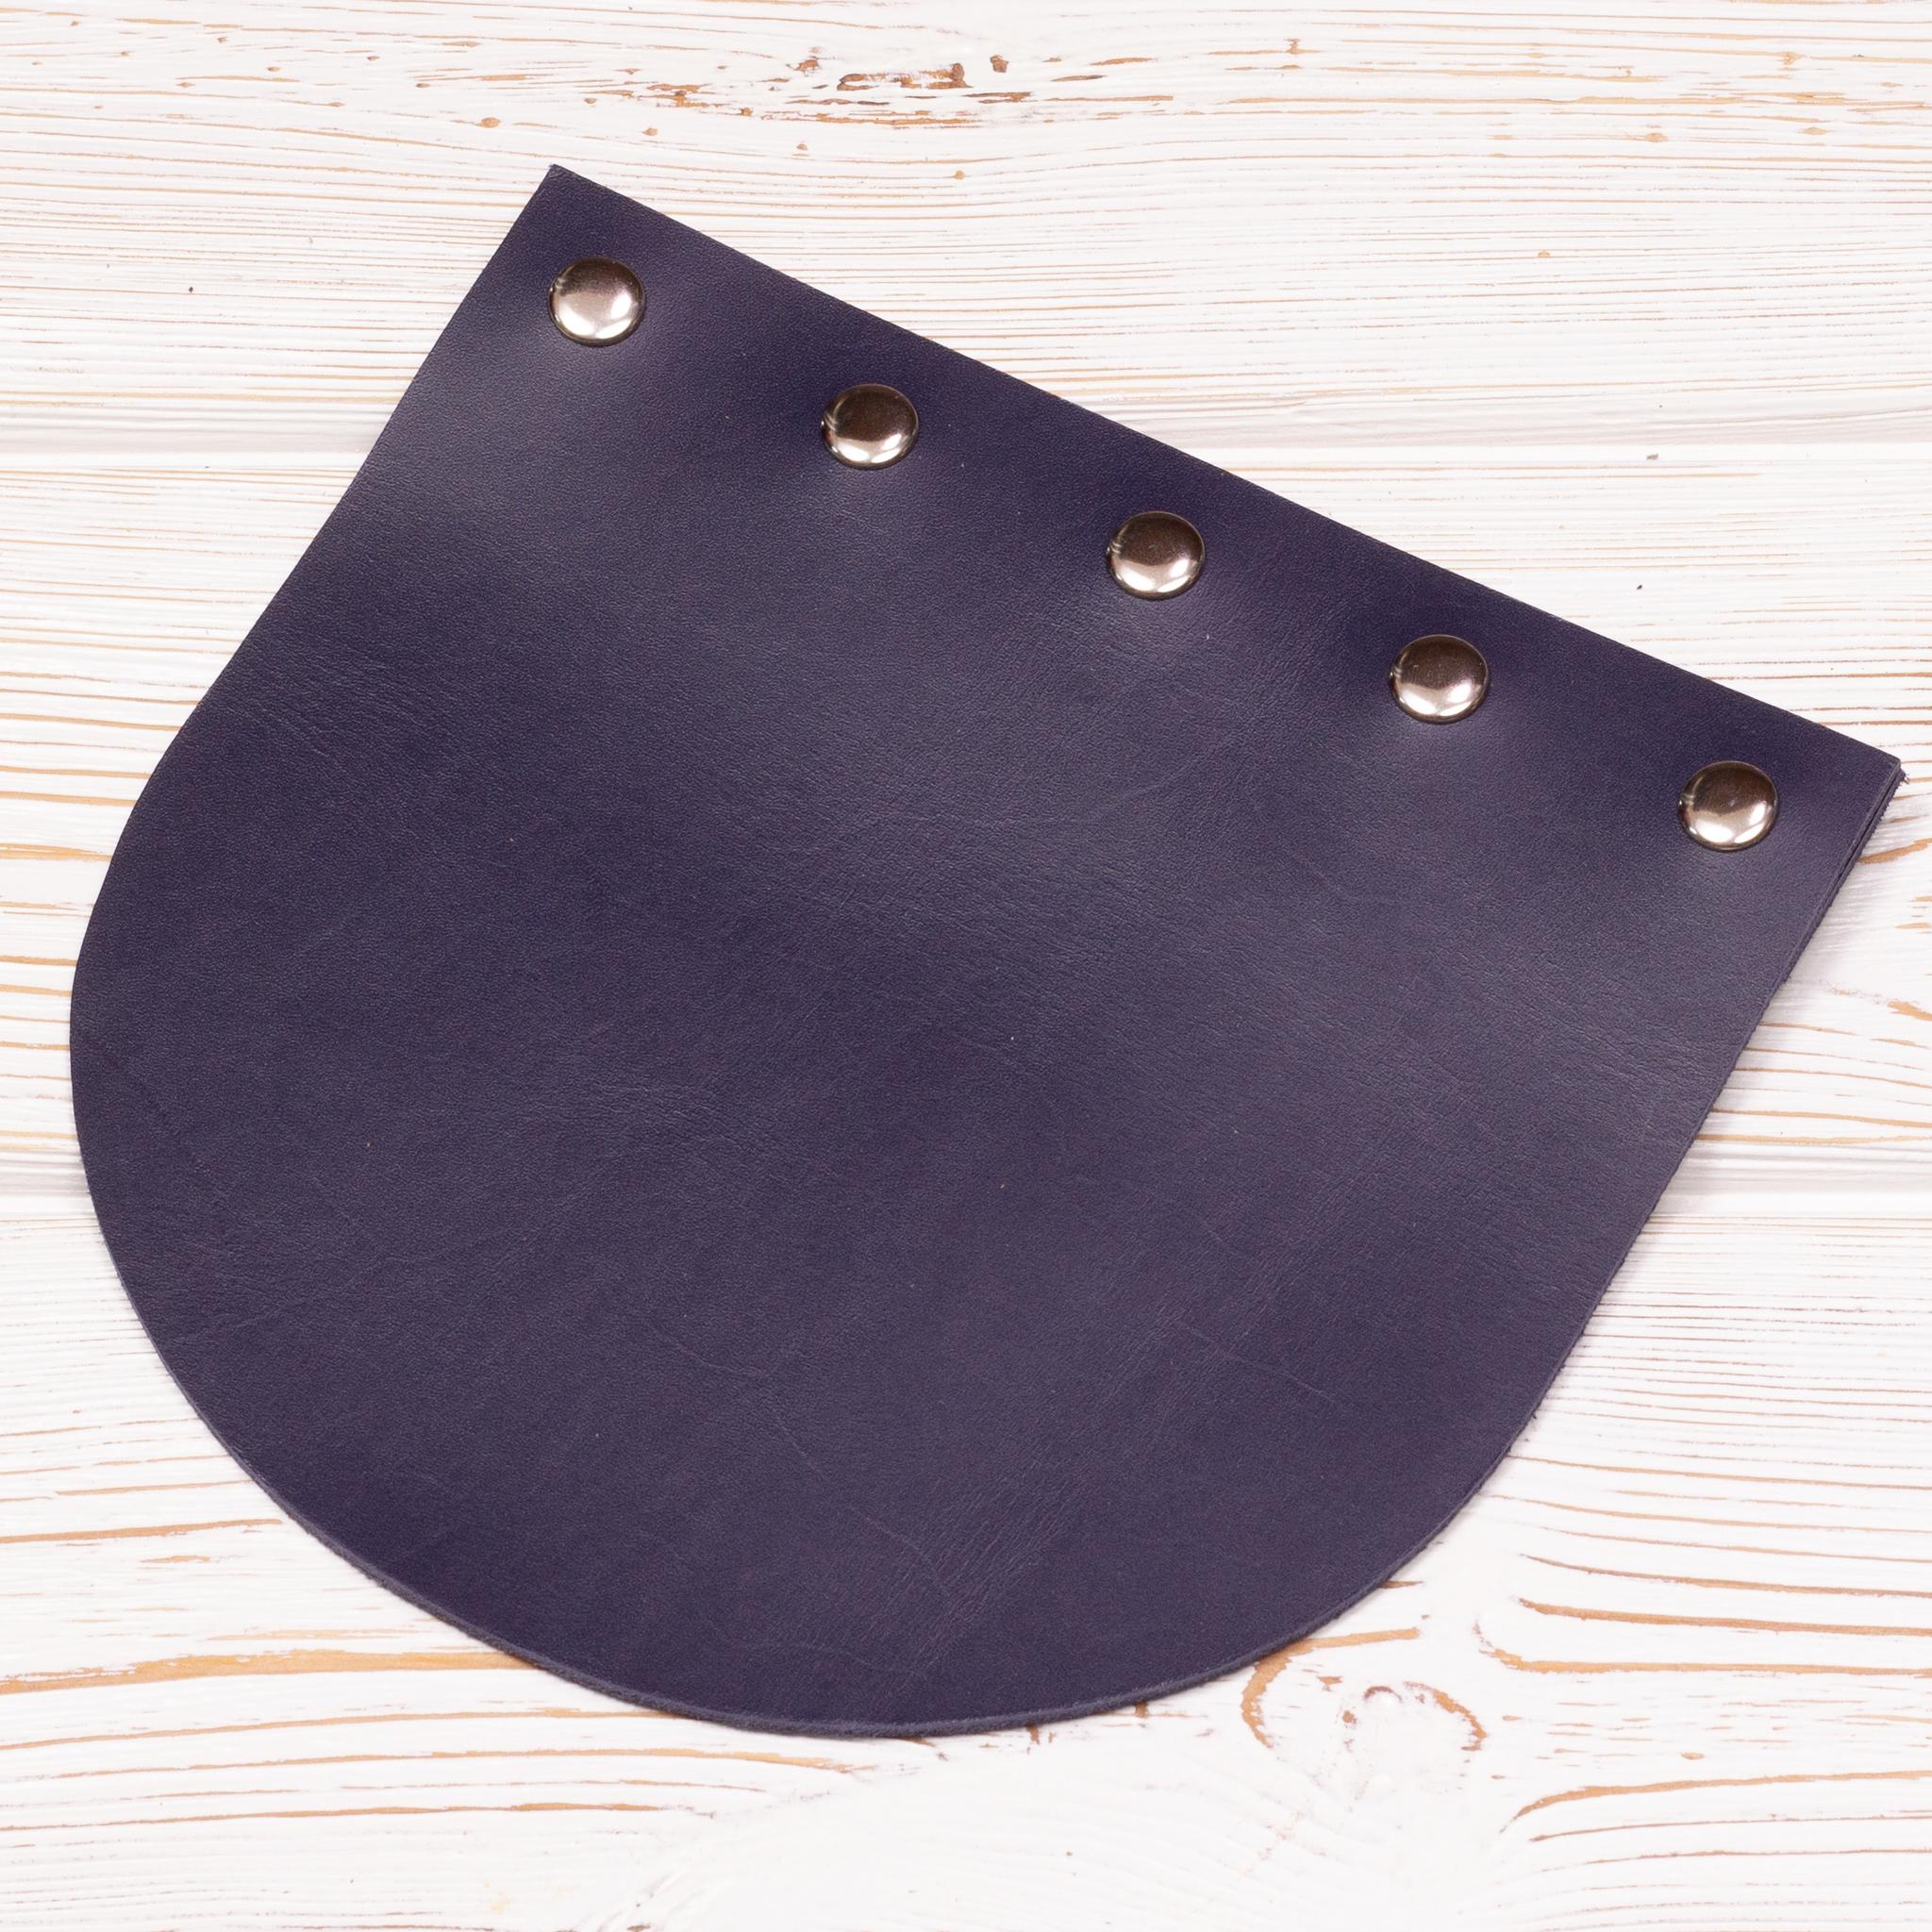 """Вся фурнитура Клапан для сумочки кожаный на заклепках """"Нави"""" IMG_2381ывывыв.jpg"""